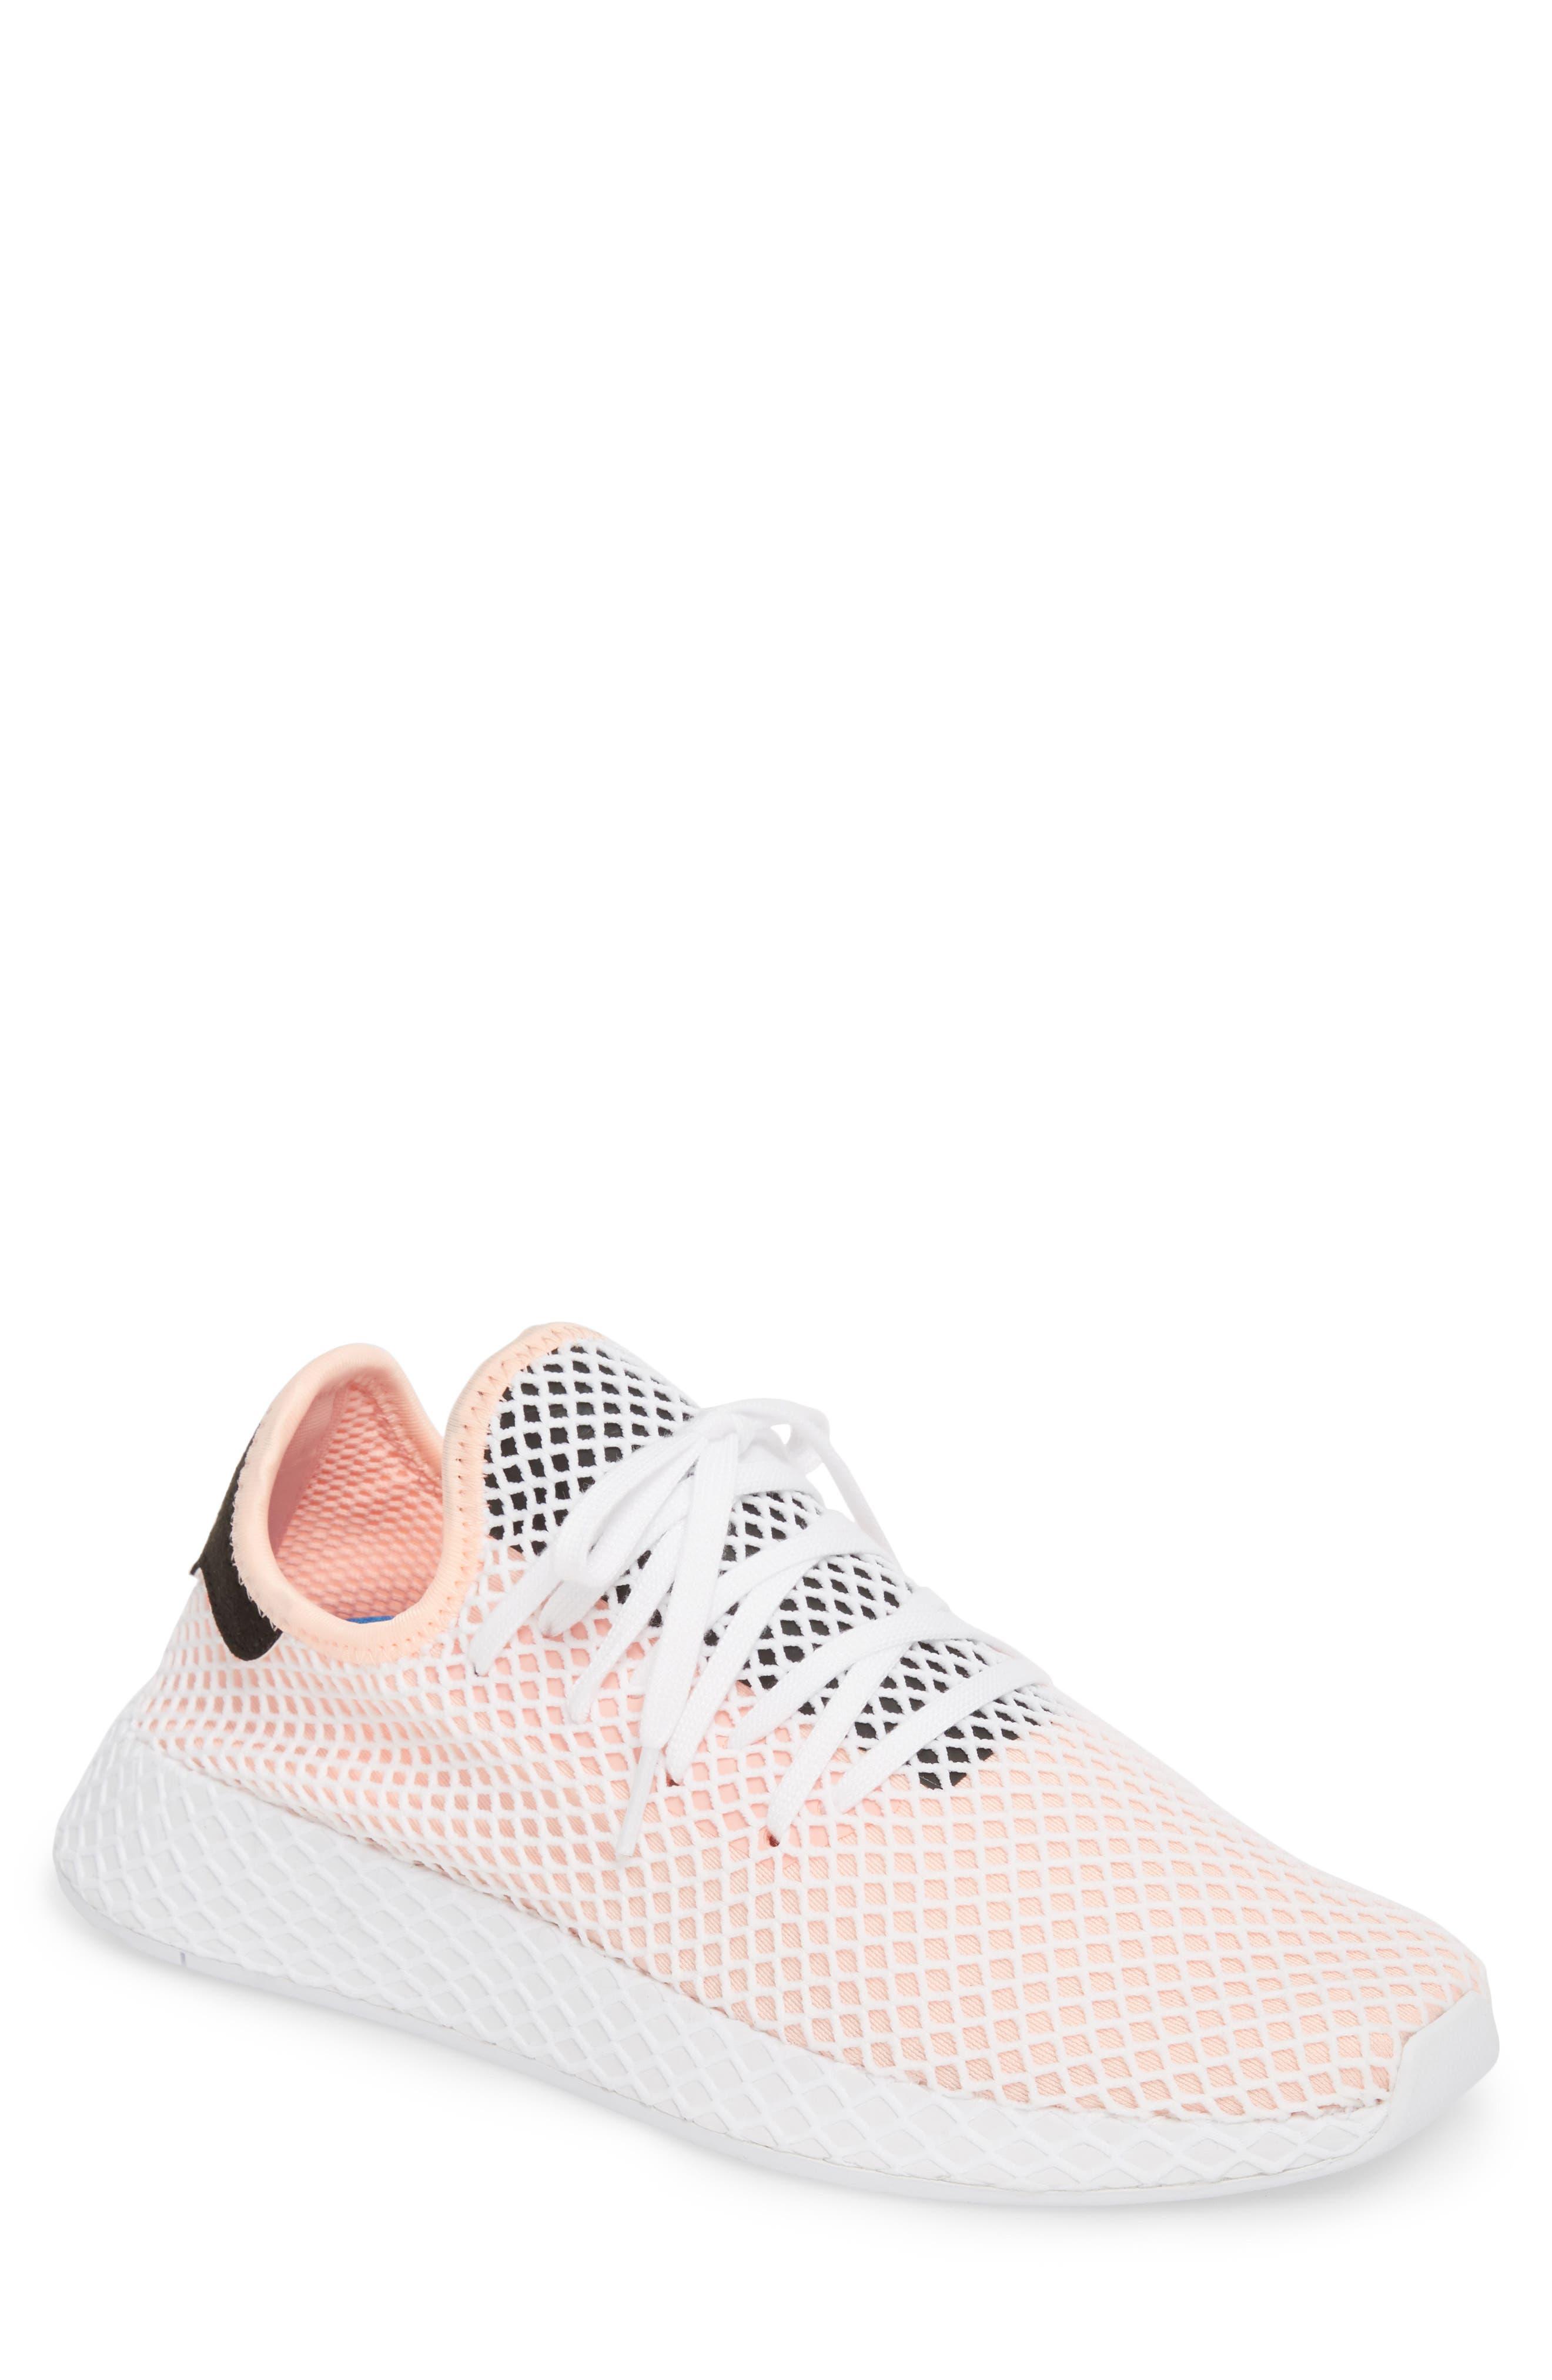 Deerupt Runner Sneaker,                             Main thumbnail 1, color,                             Black/ Black/ White